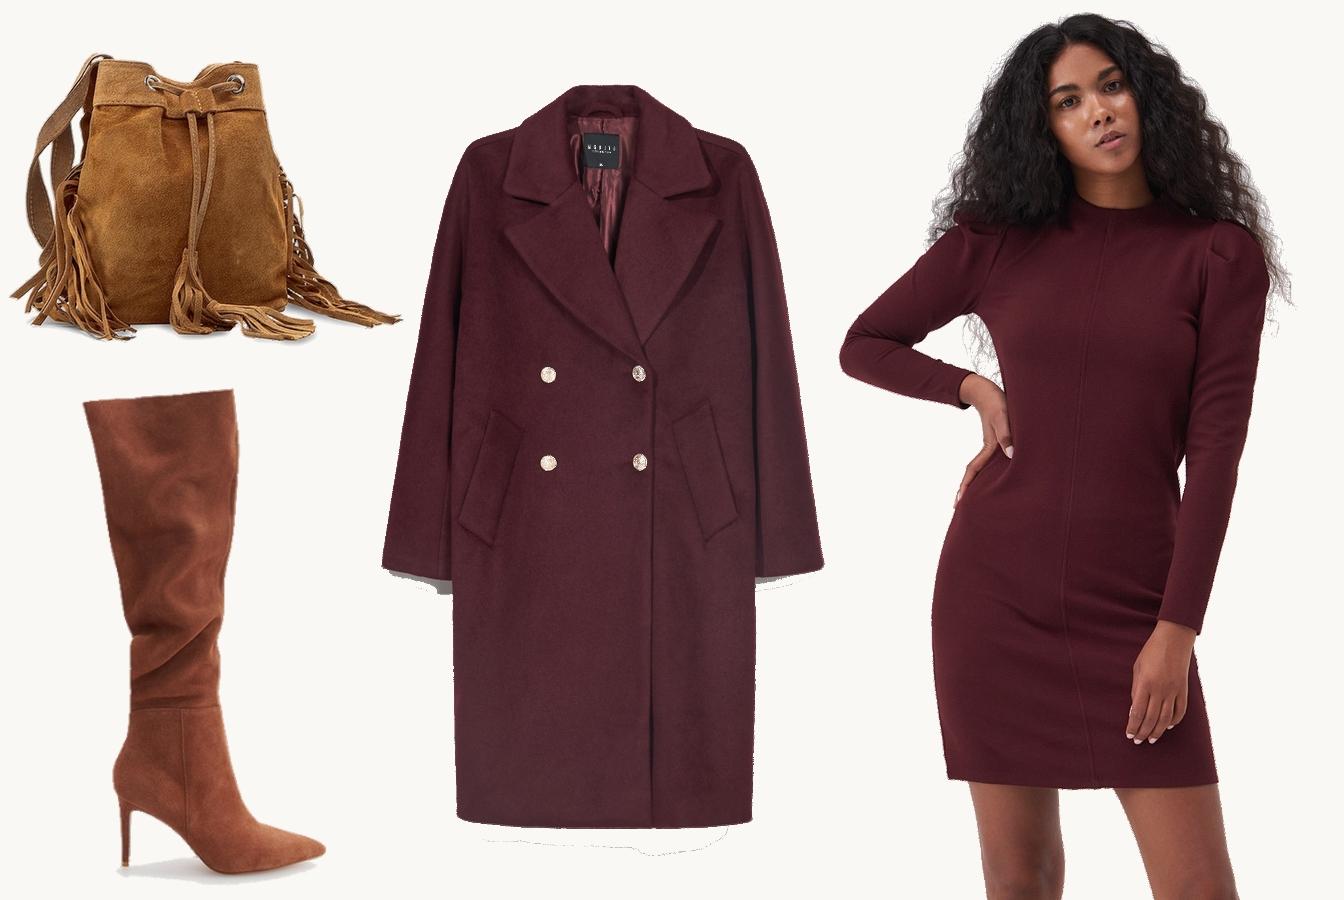 Zestawienie mody damskiej - zimowe trendy 2020/2021 - promocje do -60%